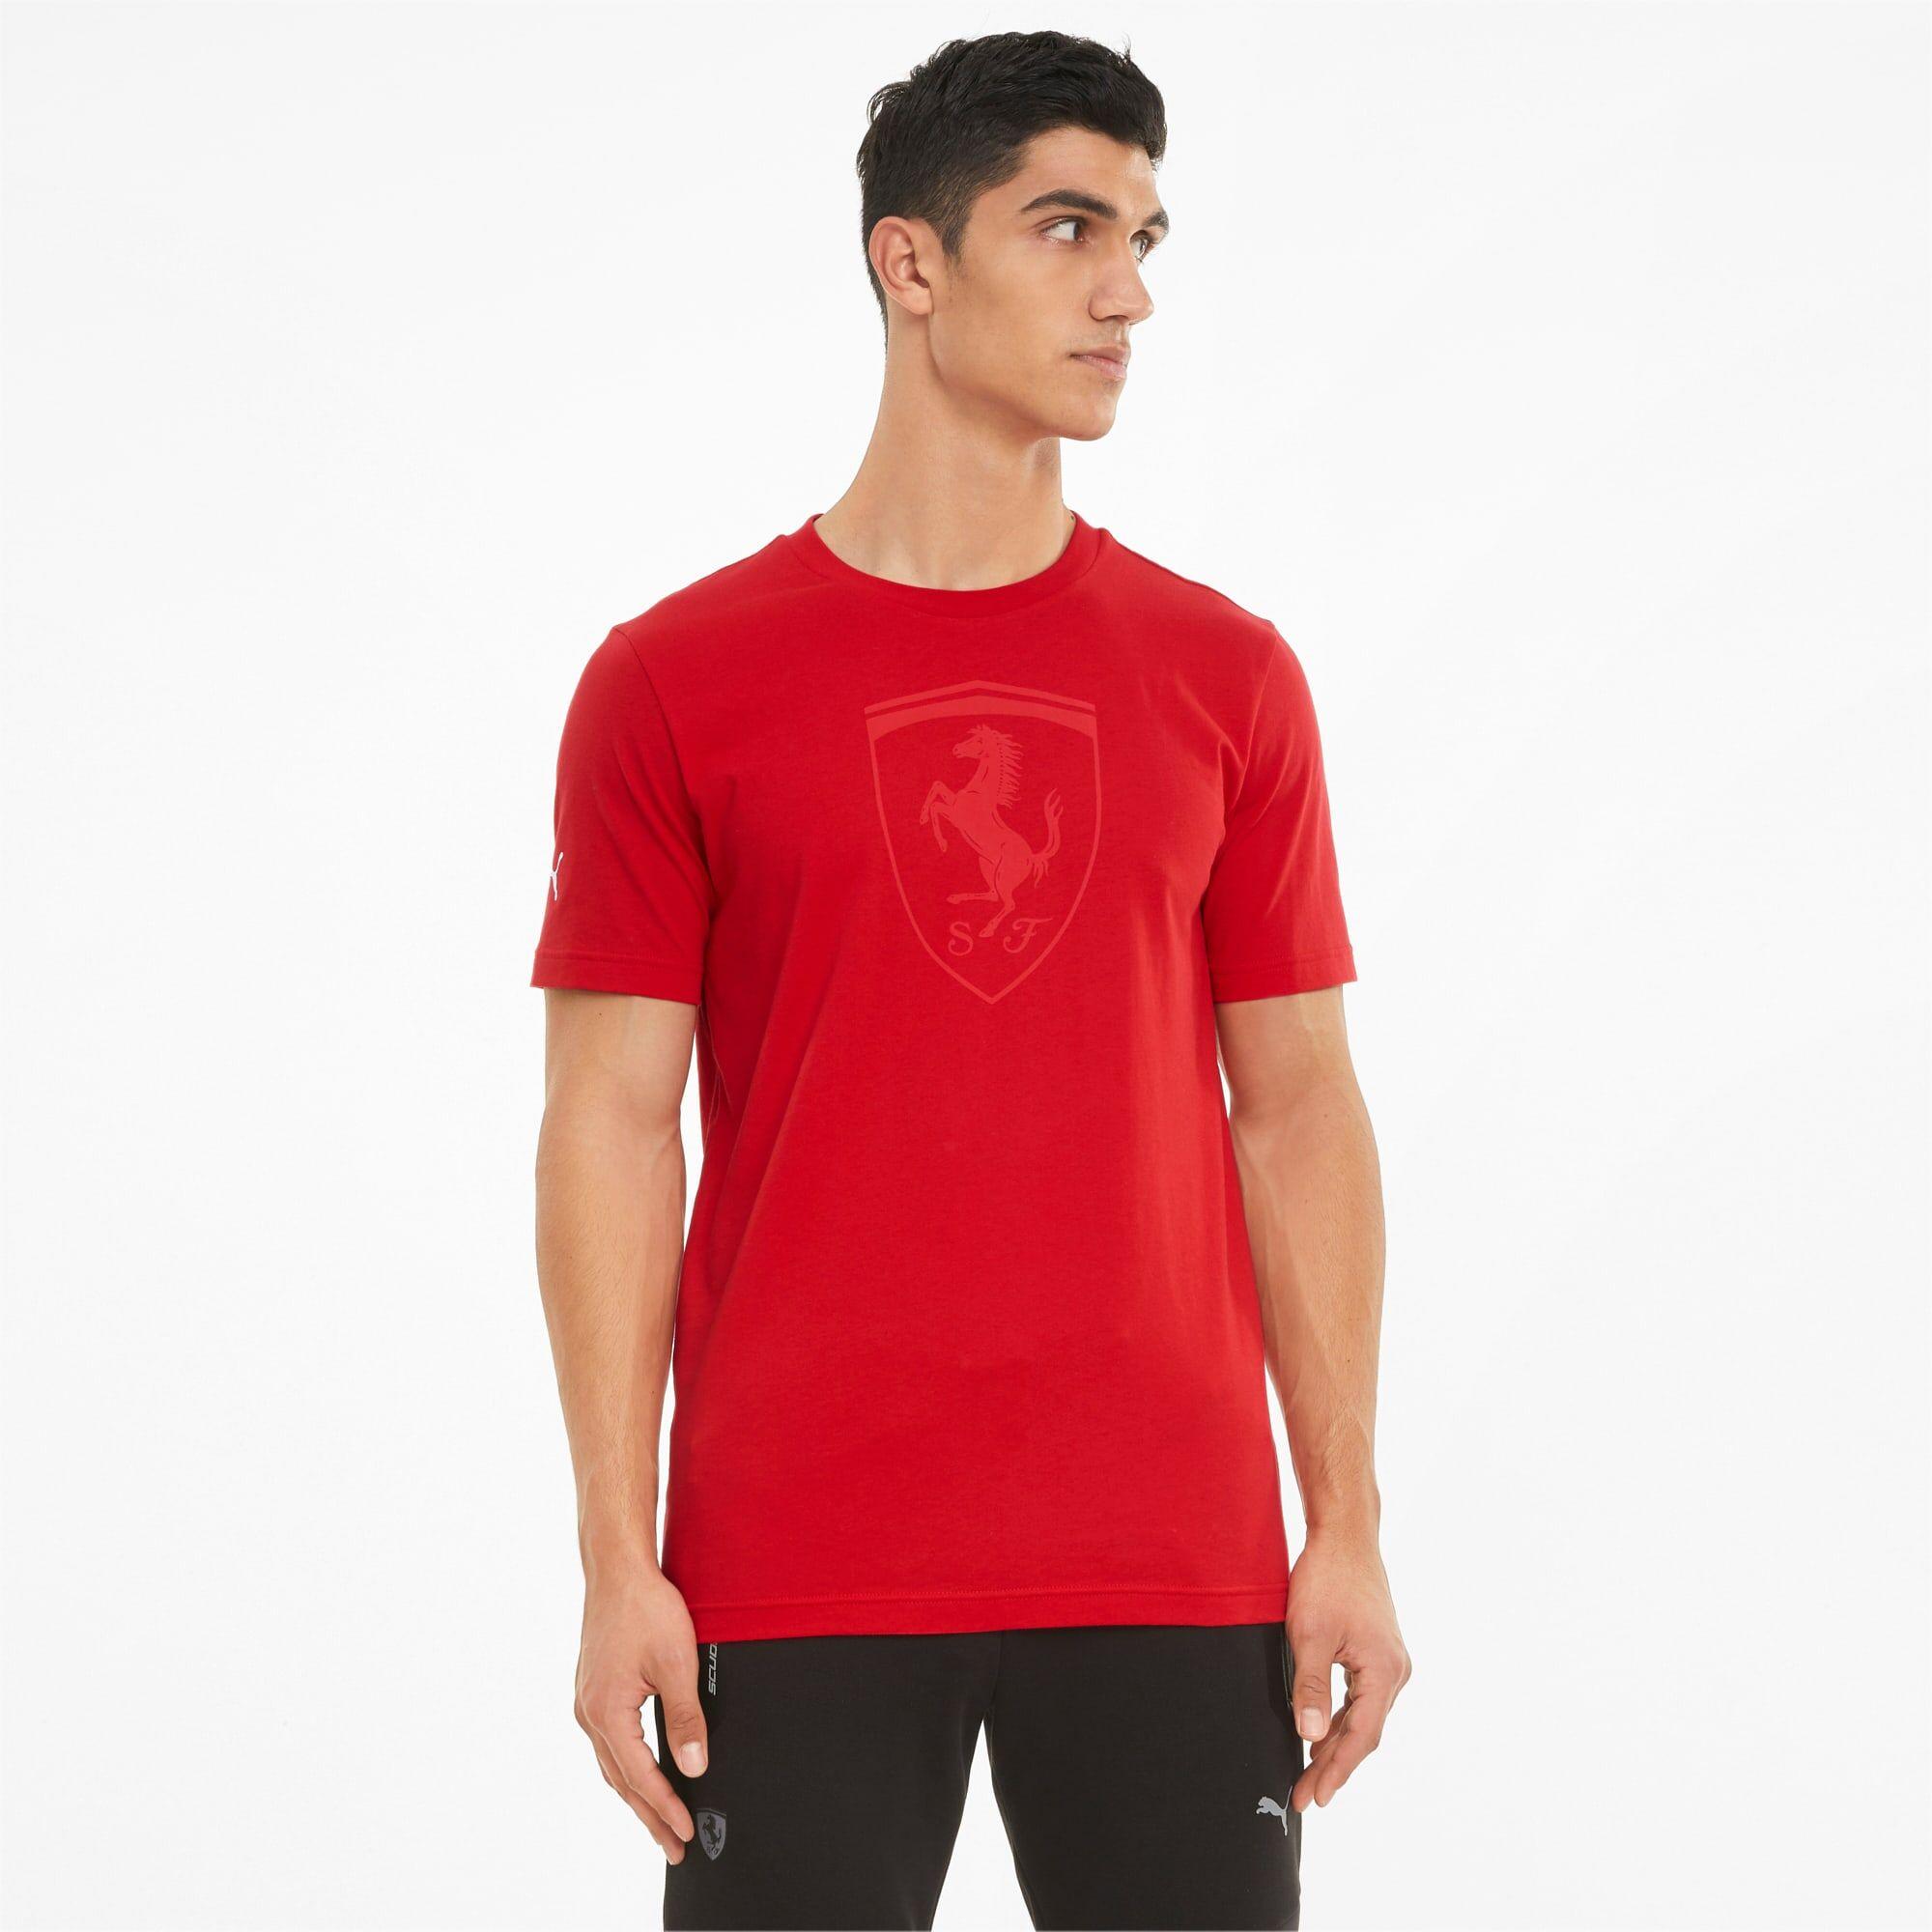 PUMA T-Shirt Big Shield ton sur ton Scuderia Ferrari Race homme, Rouge, Taille M, Vêtements